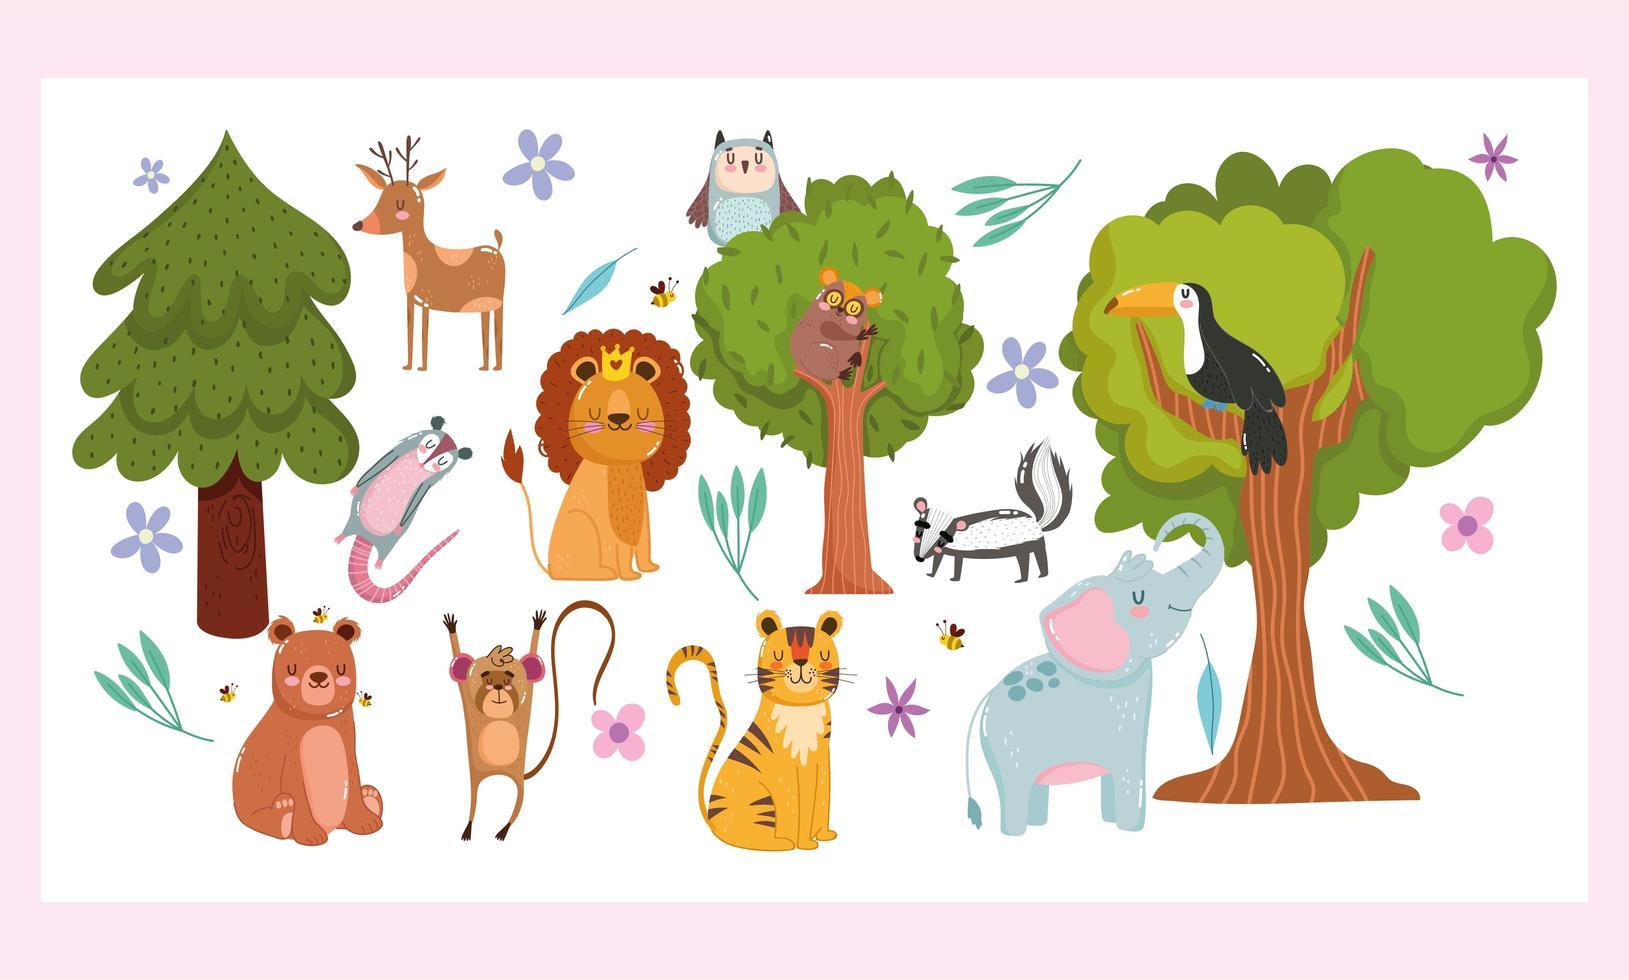 bomen, dieren en bos natuur wilde cartoon vector